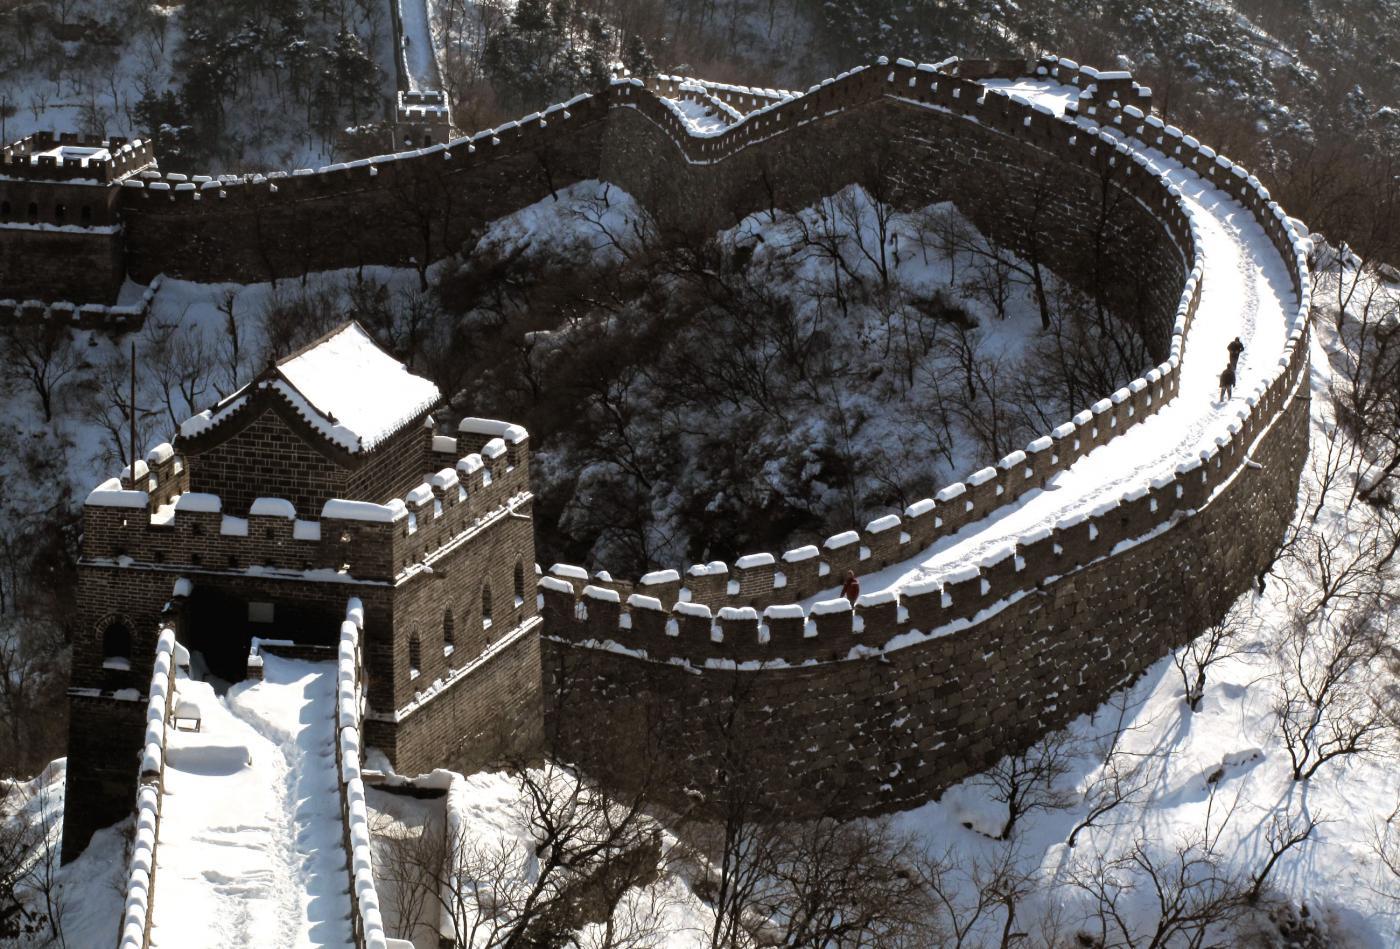 Una colata di cemento sulla Grande Muraglia Cinese